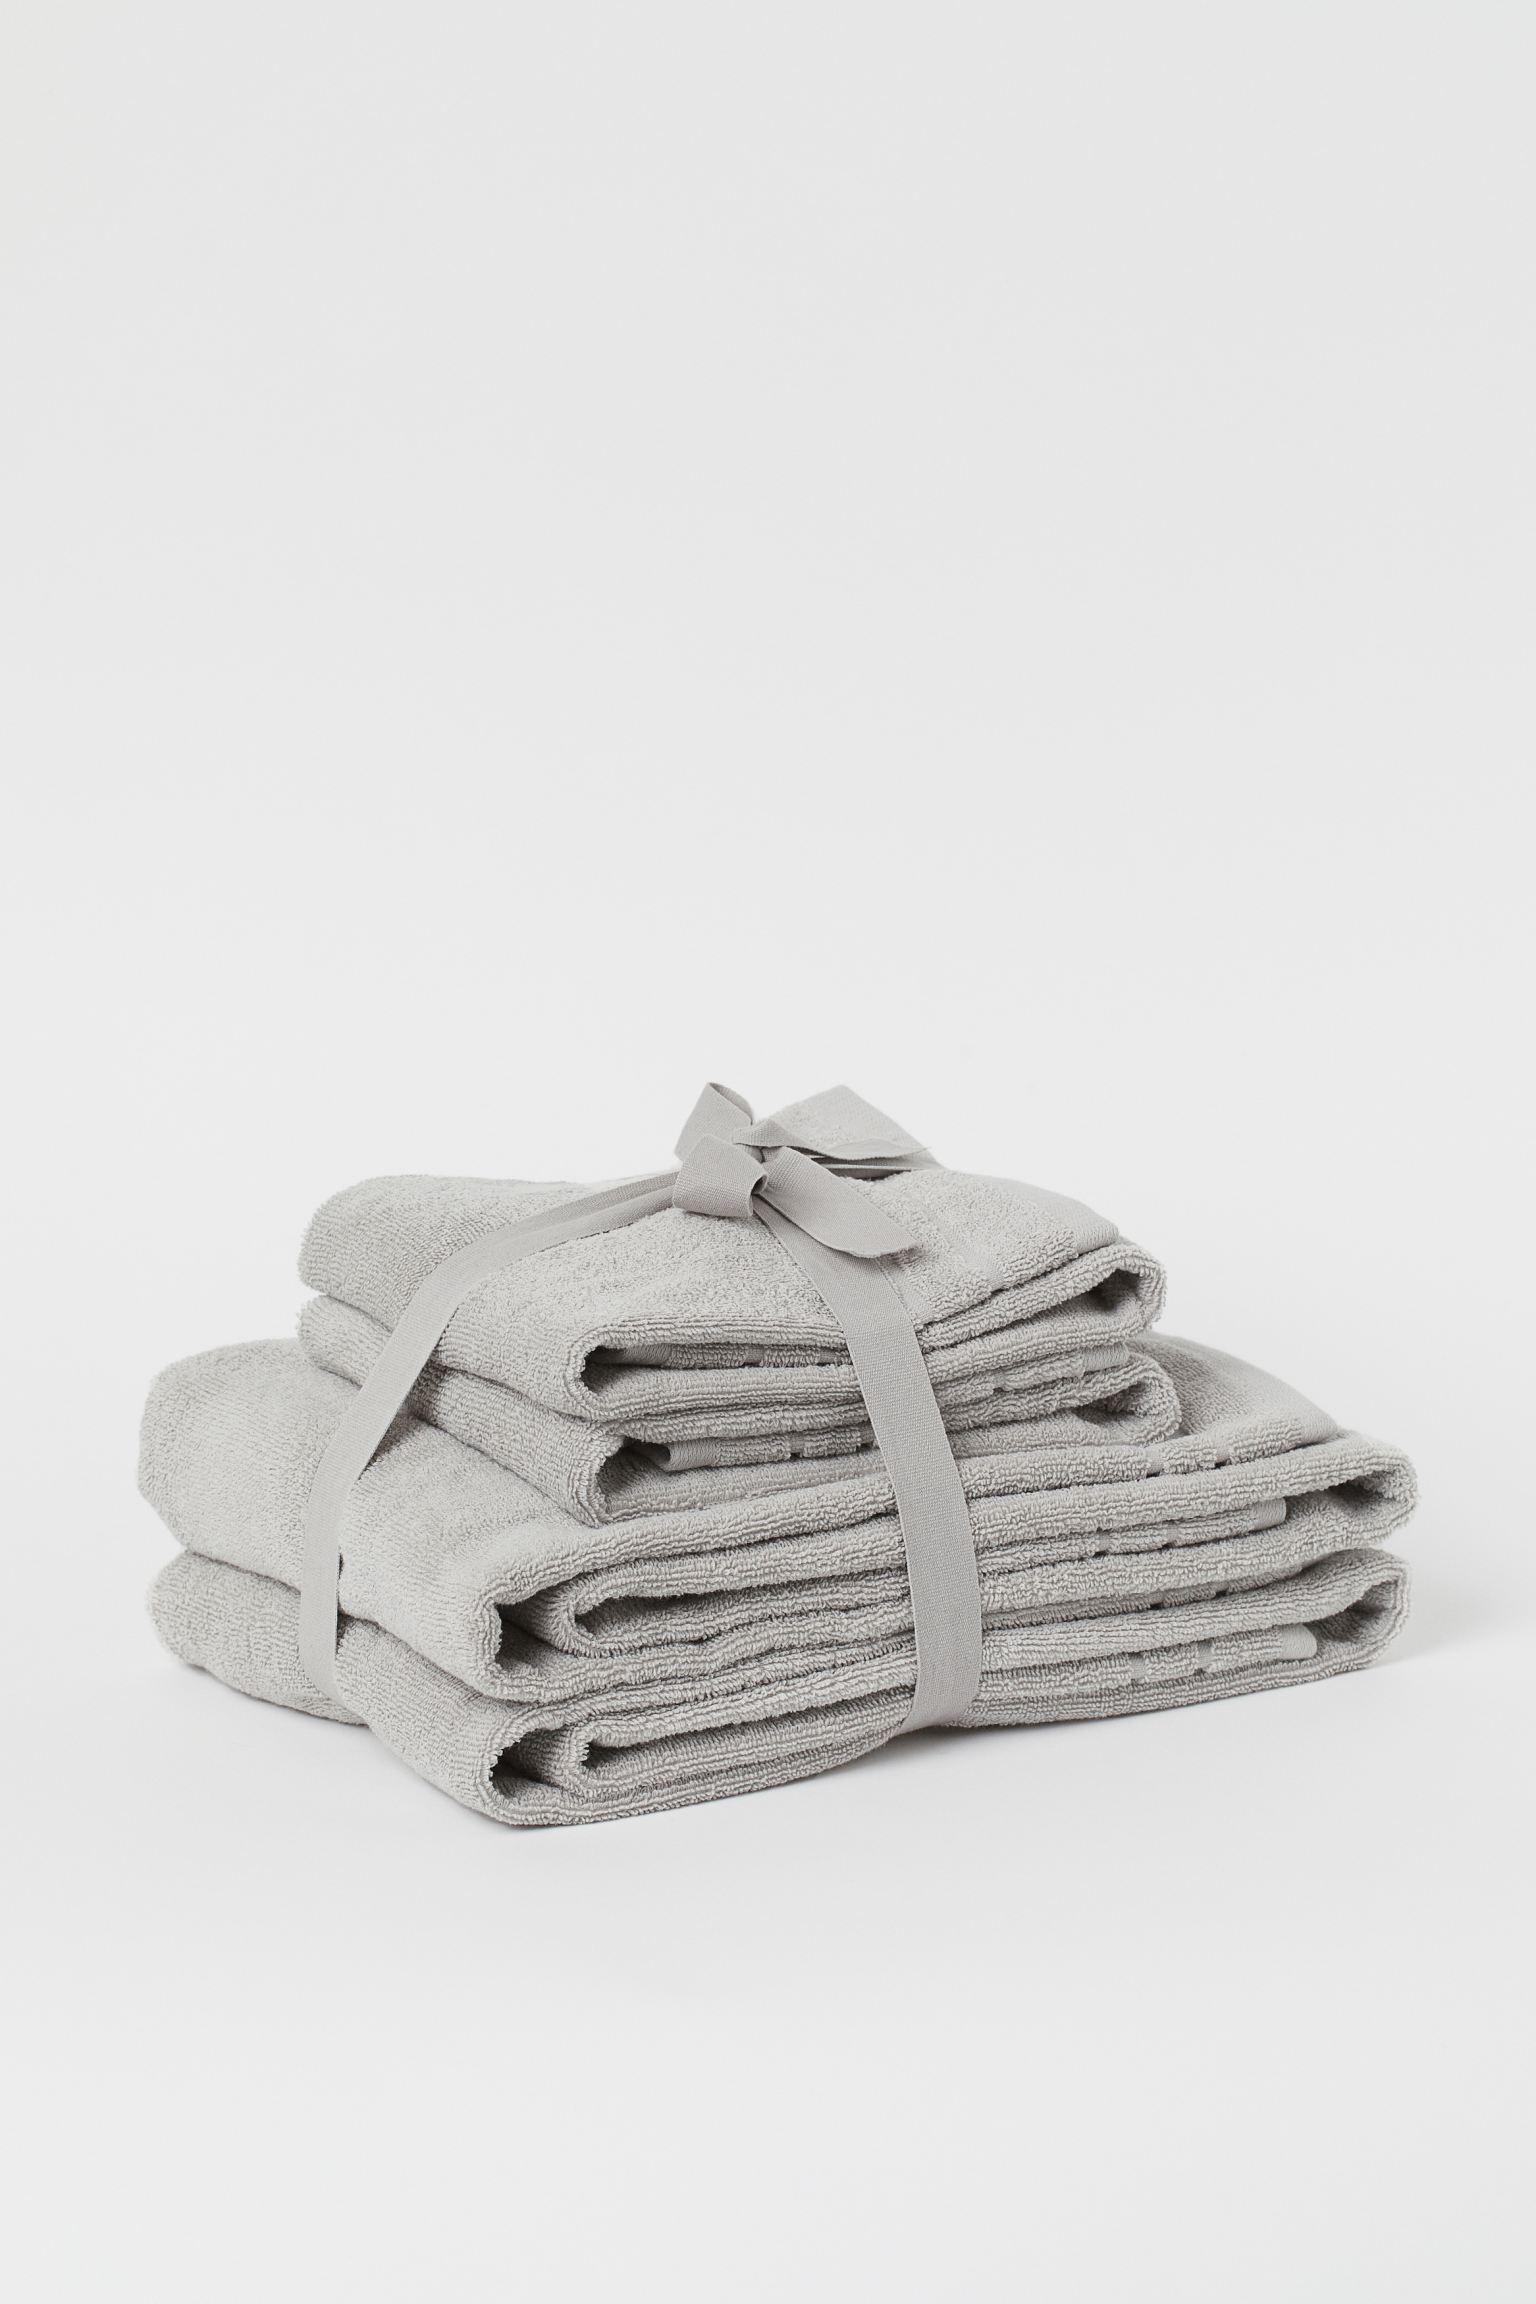 Juego de toallas en algodón rizado suave. Dos de mano y dos de baño, todas con colgador en un lateral.